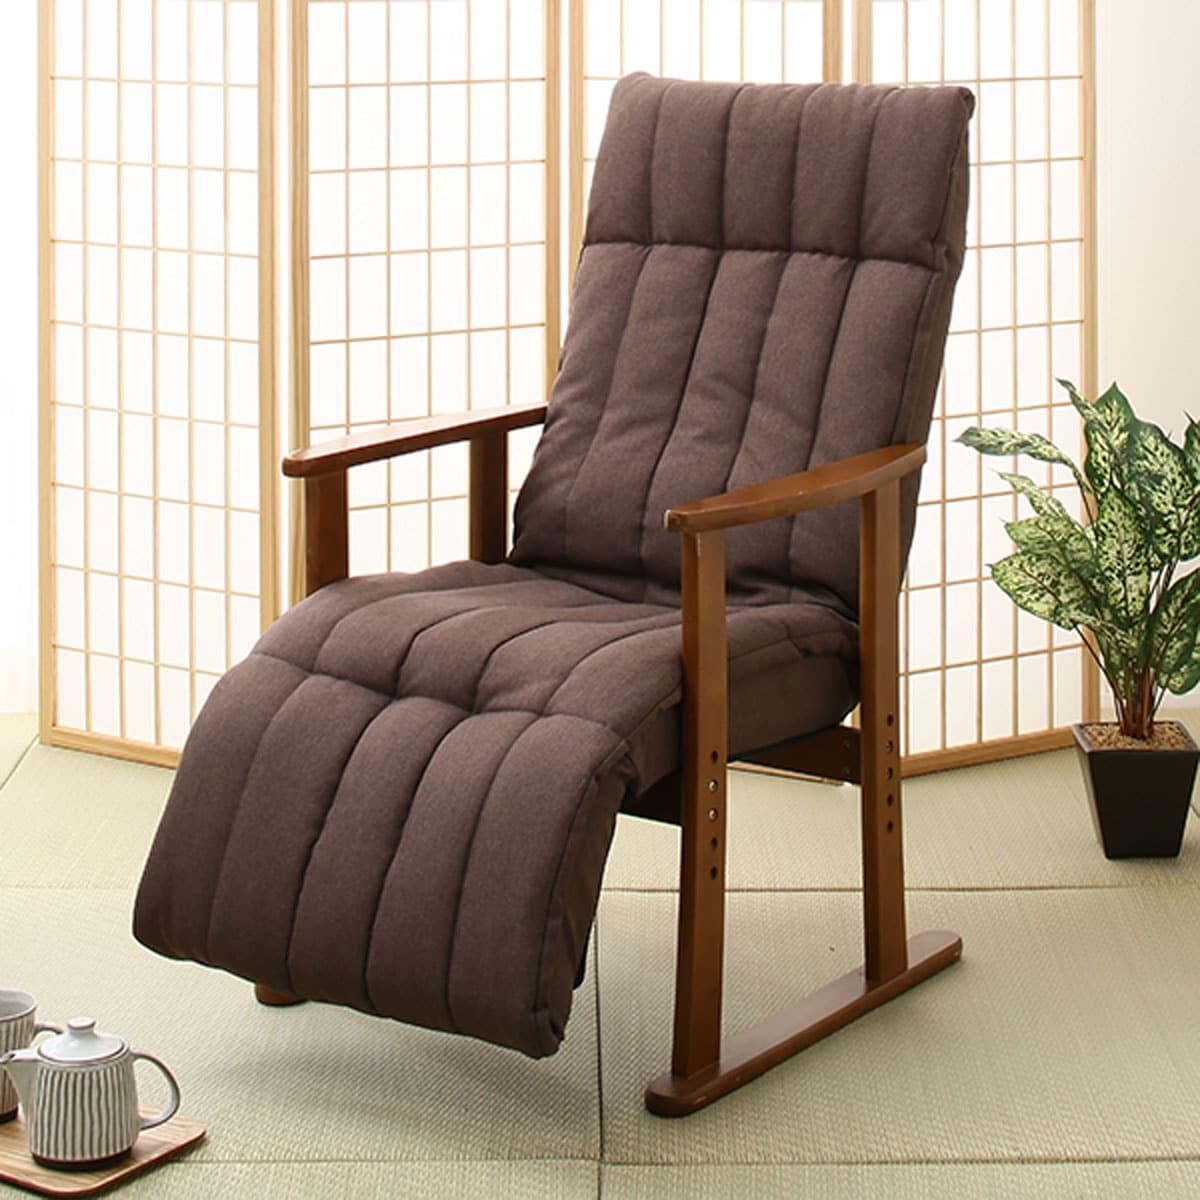 4段調整高座椅子(グランデ) ニトリ 【送料無料・玄関先迄納品】